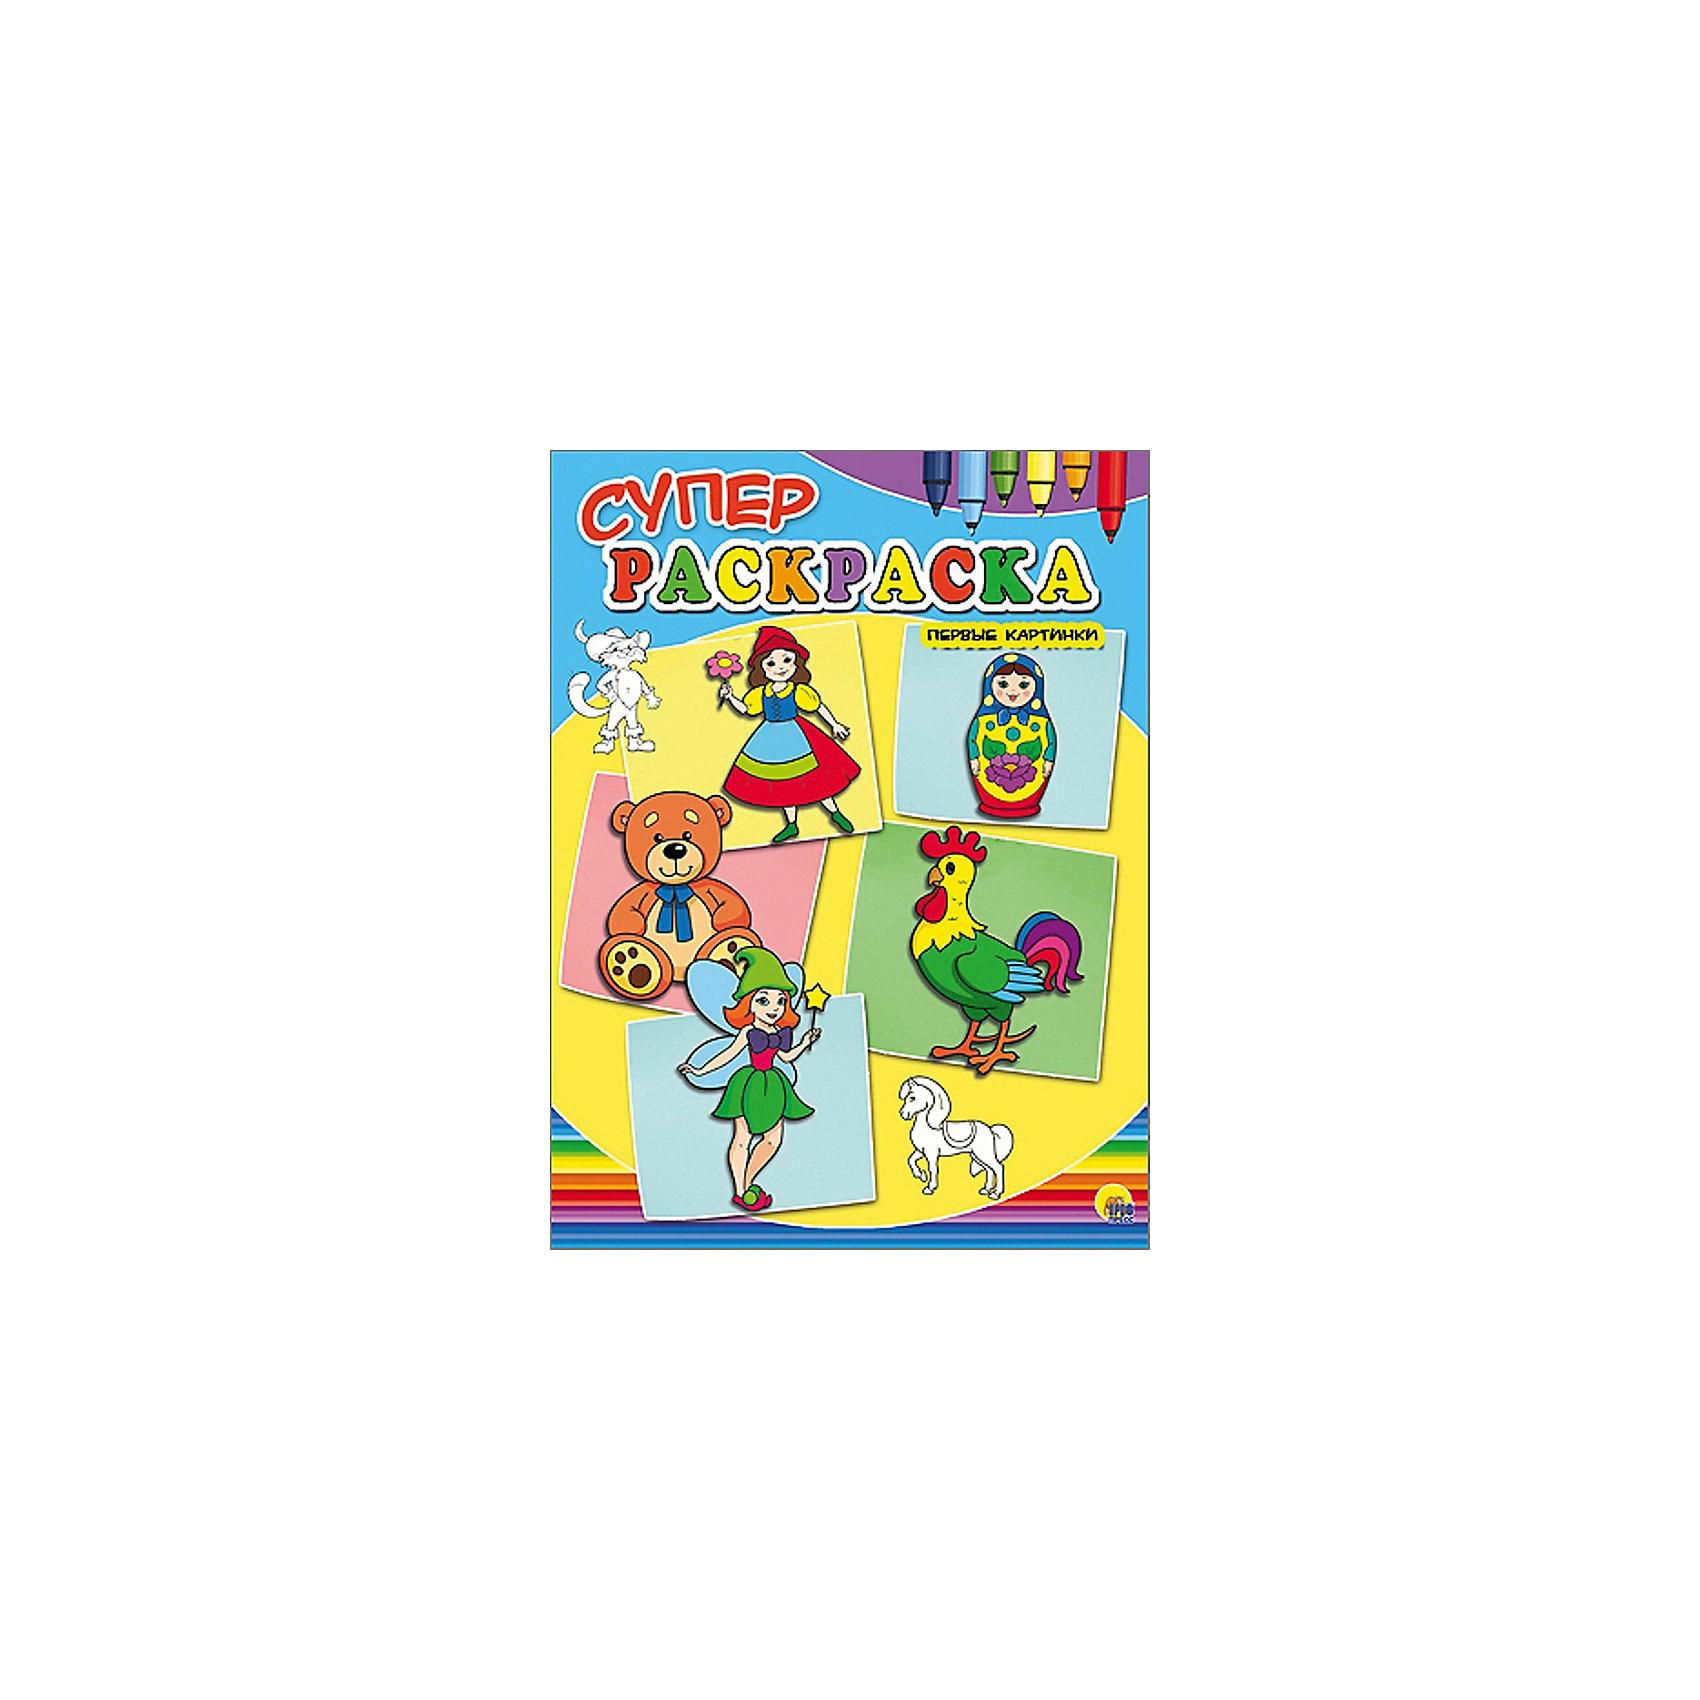 Суперраскраски Первые картинкиРисование<br>Книжки-раскраски помогают детям познавать мир и учиться многим вещам, а также позволяют ребенку весело проводить время. Эти издания стимулируют развитие воображения, логики и творческого мышления.<br>Данная раскраска содержит множество картинок, которые можно наполнить красками по своему усмотрению! Такое занятие обязательно понравится малышам и позволит надолго занять непоседу!<br>  <br>Дополнительная информация:<br><br>страниц: 160; <br>размер: 210х275 мм;<br>вес: 210 г.<br><br>Суперраскраски Первые картинки от издательства Проф-Пресс можно купить в нашем магазине.<br><br>Ширина мм: 200<br>Глубина мм: 5<br>Высота мм: 260<br>Вес г: 210<br>Возраст от месяцев: 36<br>Возраст до месяцев: 72<br>Пол: Унисекс<br>Возраст: Детский<br>SKU: 4787223